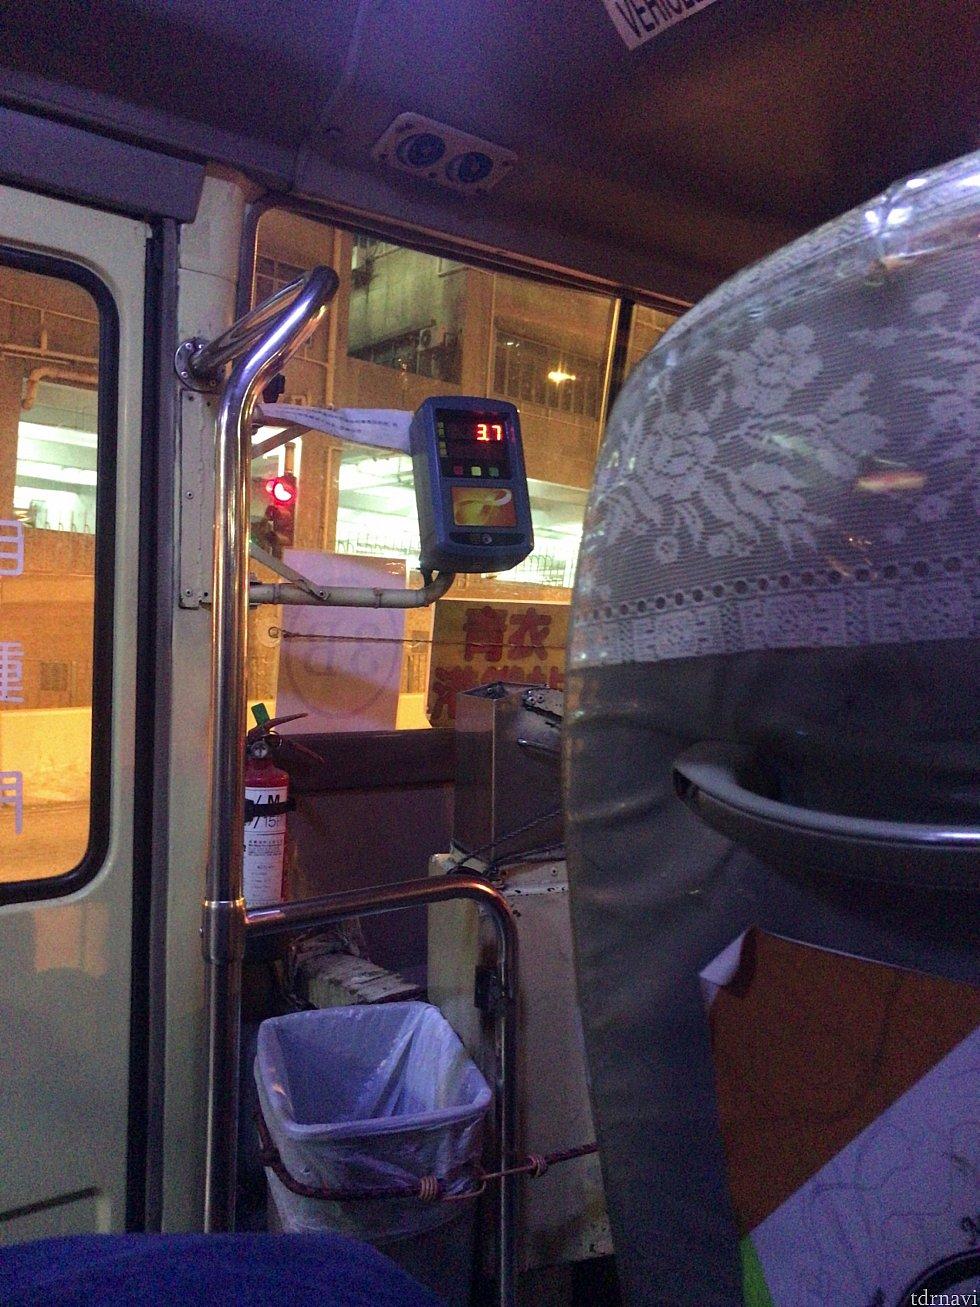 バス車内。 入り口近くにオクトパスカードをかざすリーダーがあるので、乗車したらかざしてください